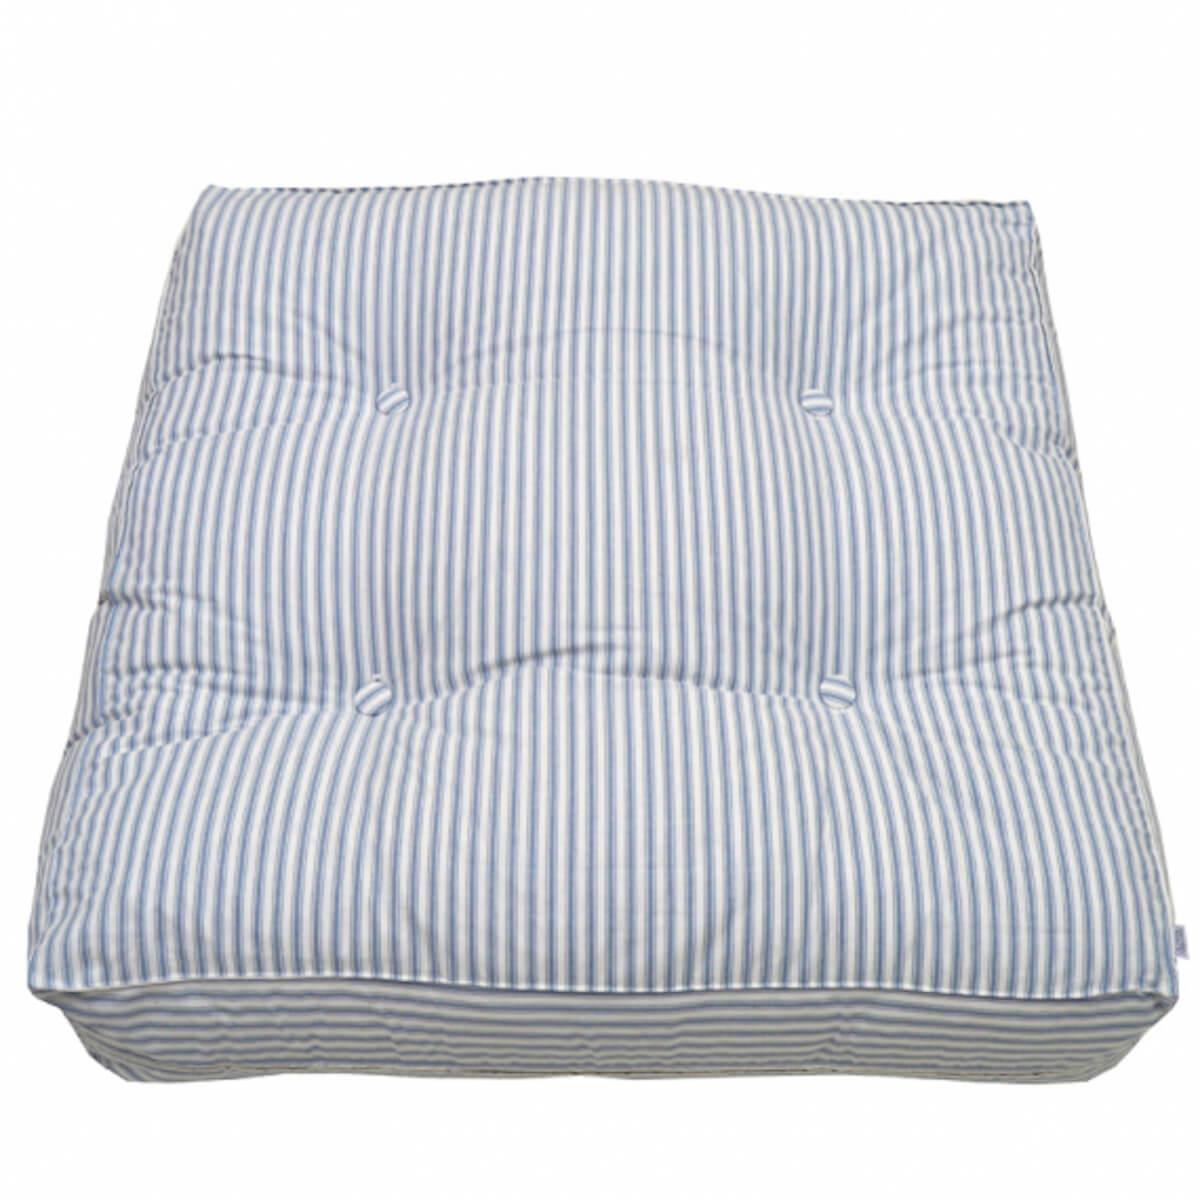 Pouf Oliver Furniture Blue striped